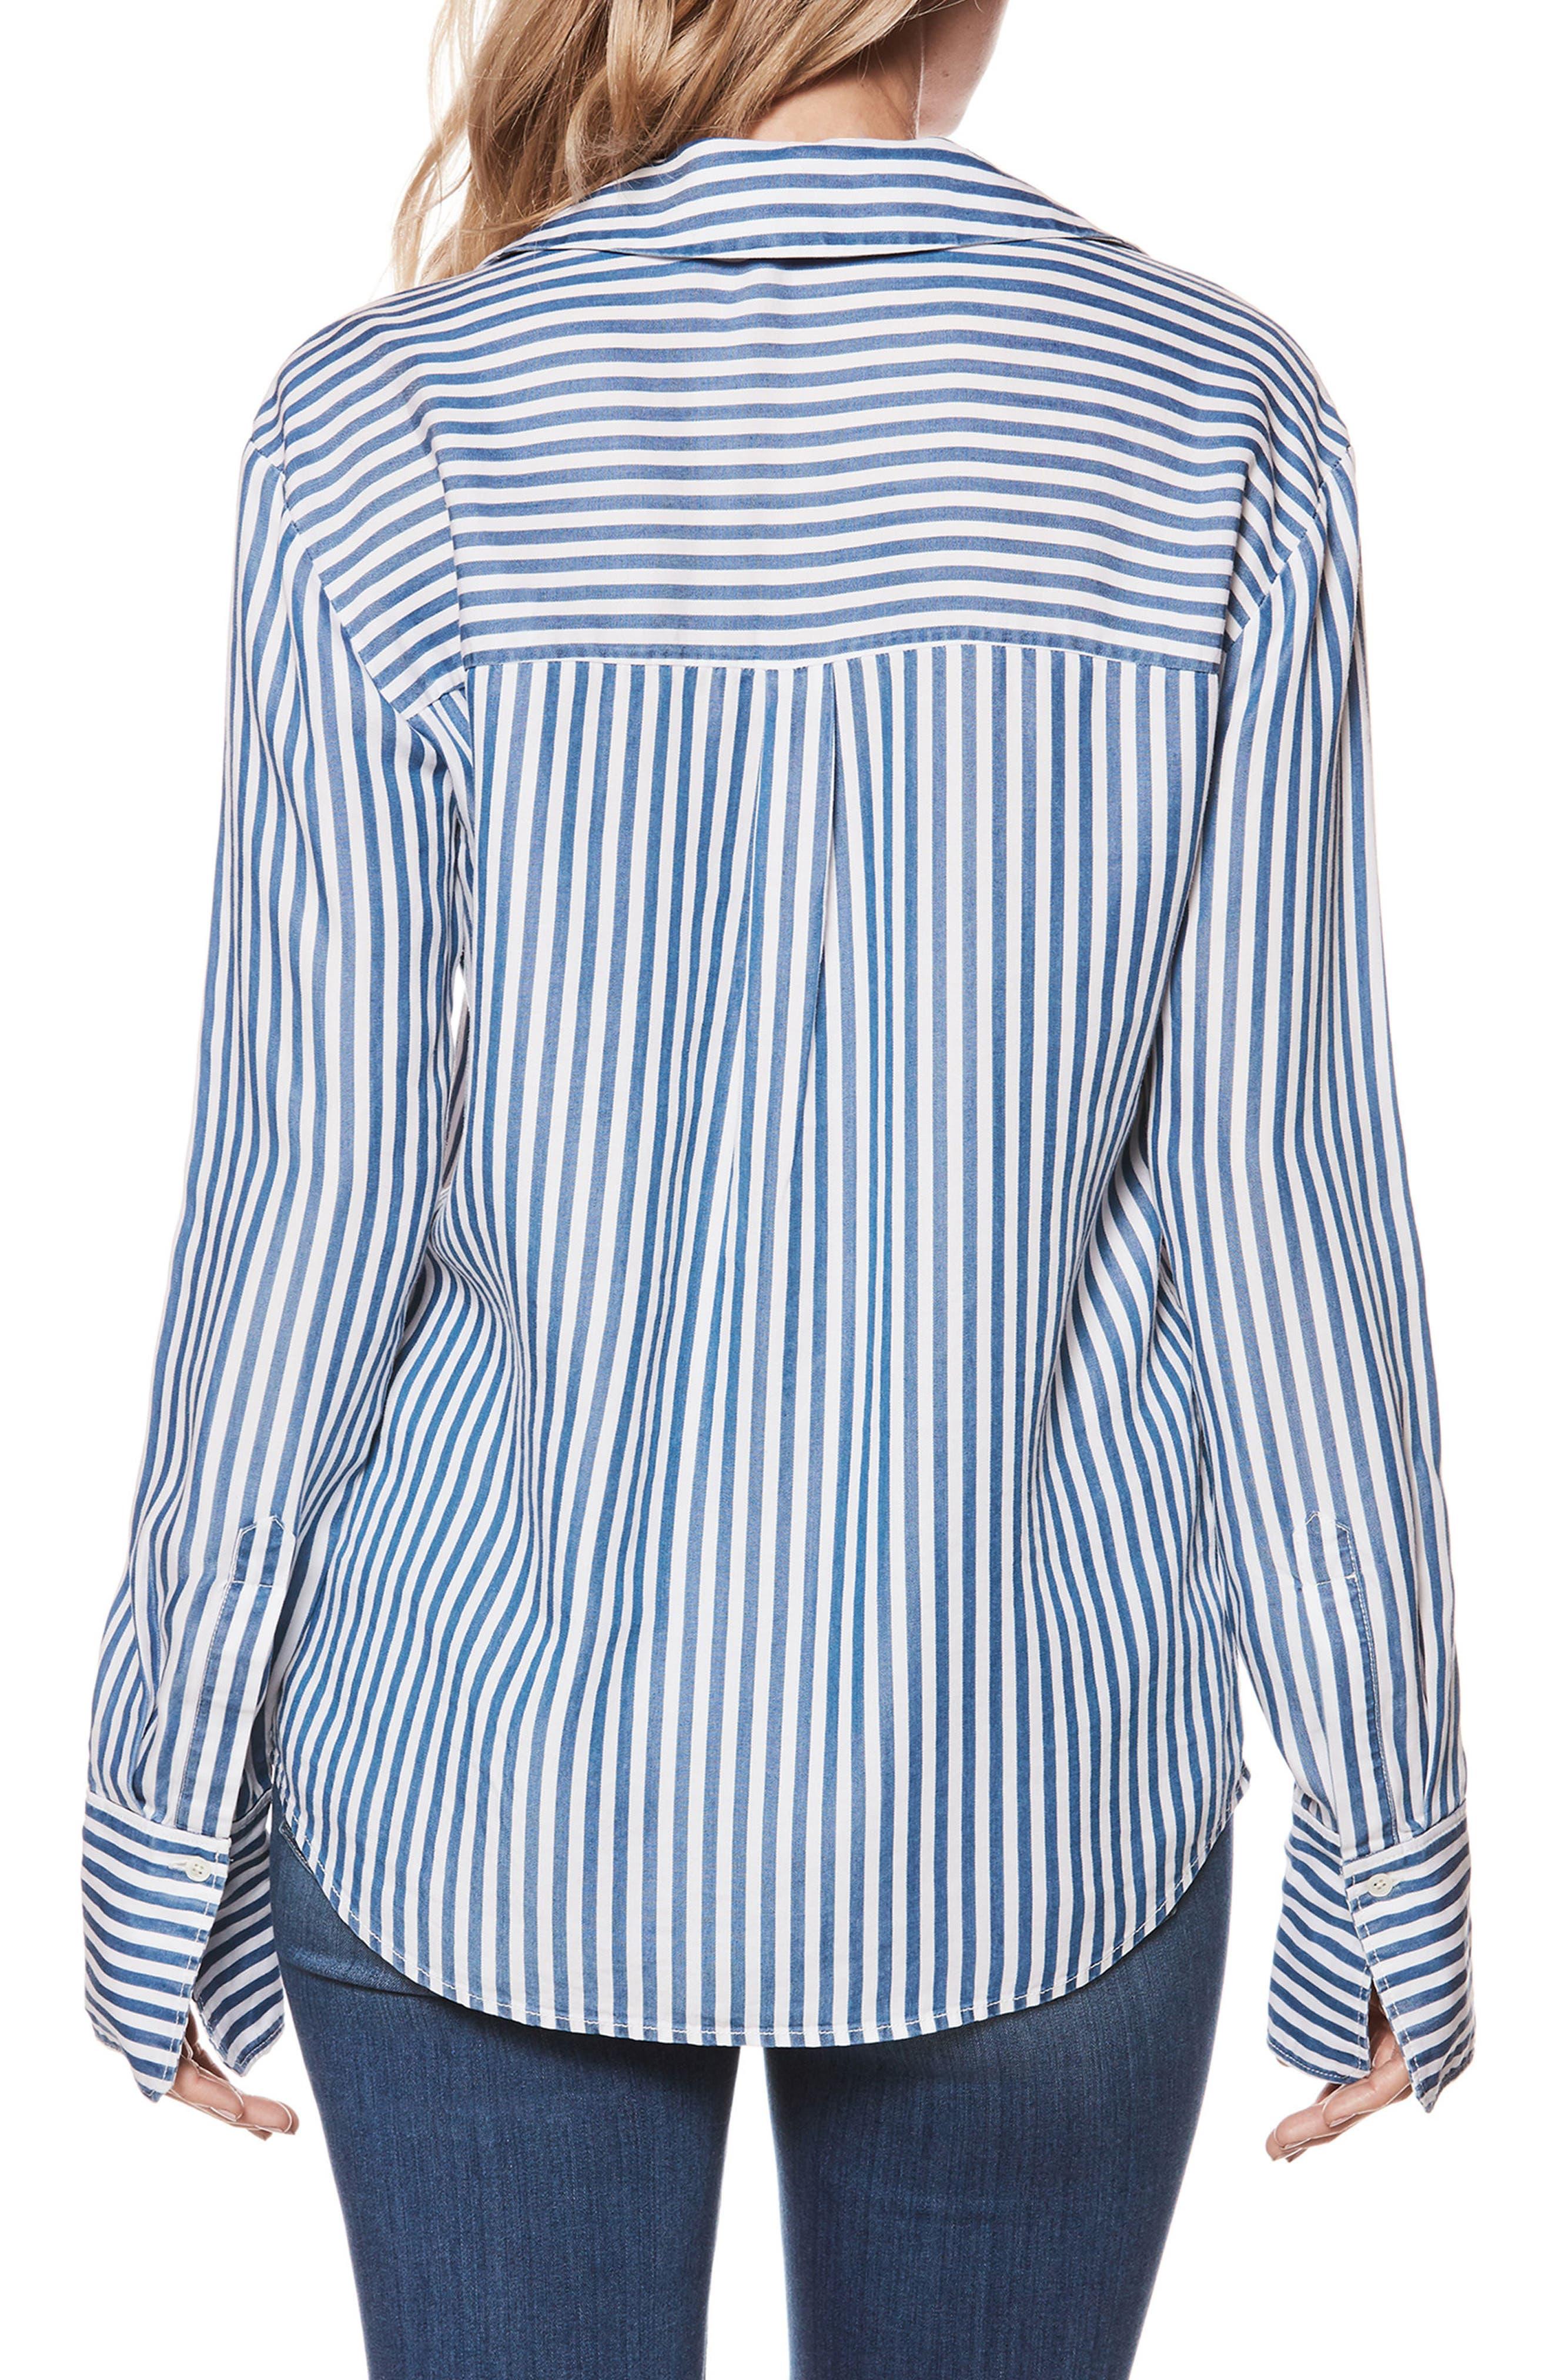 Elora Stripe Shirt,                             Alternate thumbnail 2, color,                             White/ Blue Bell Stripe